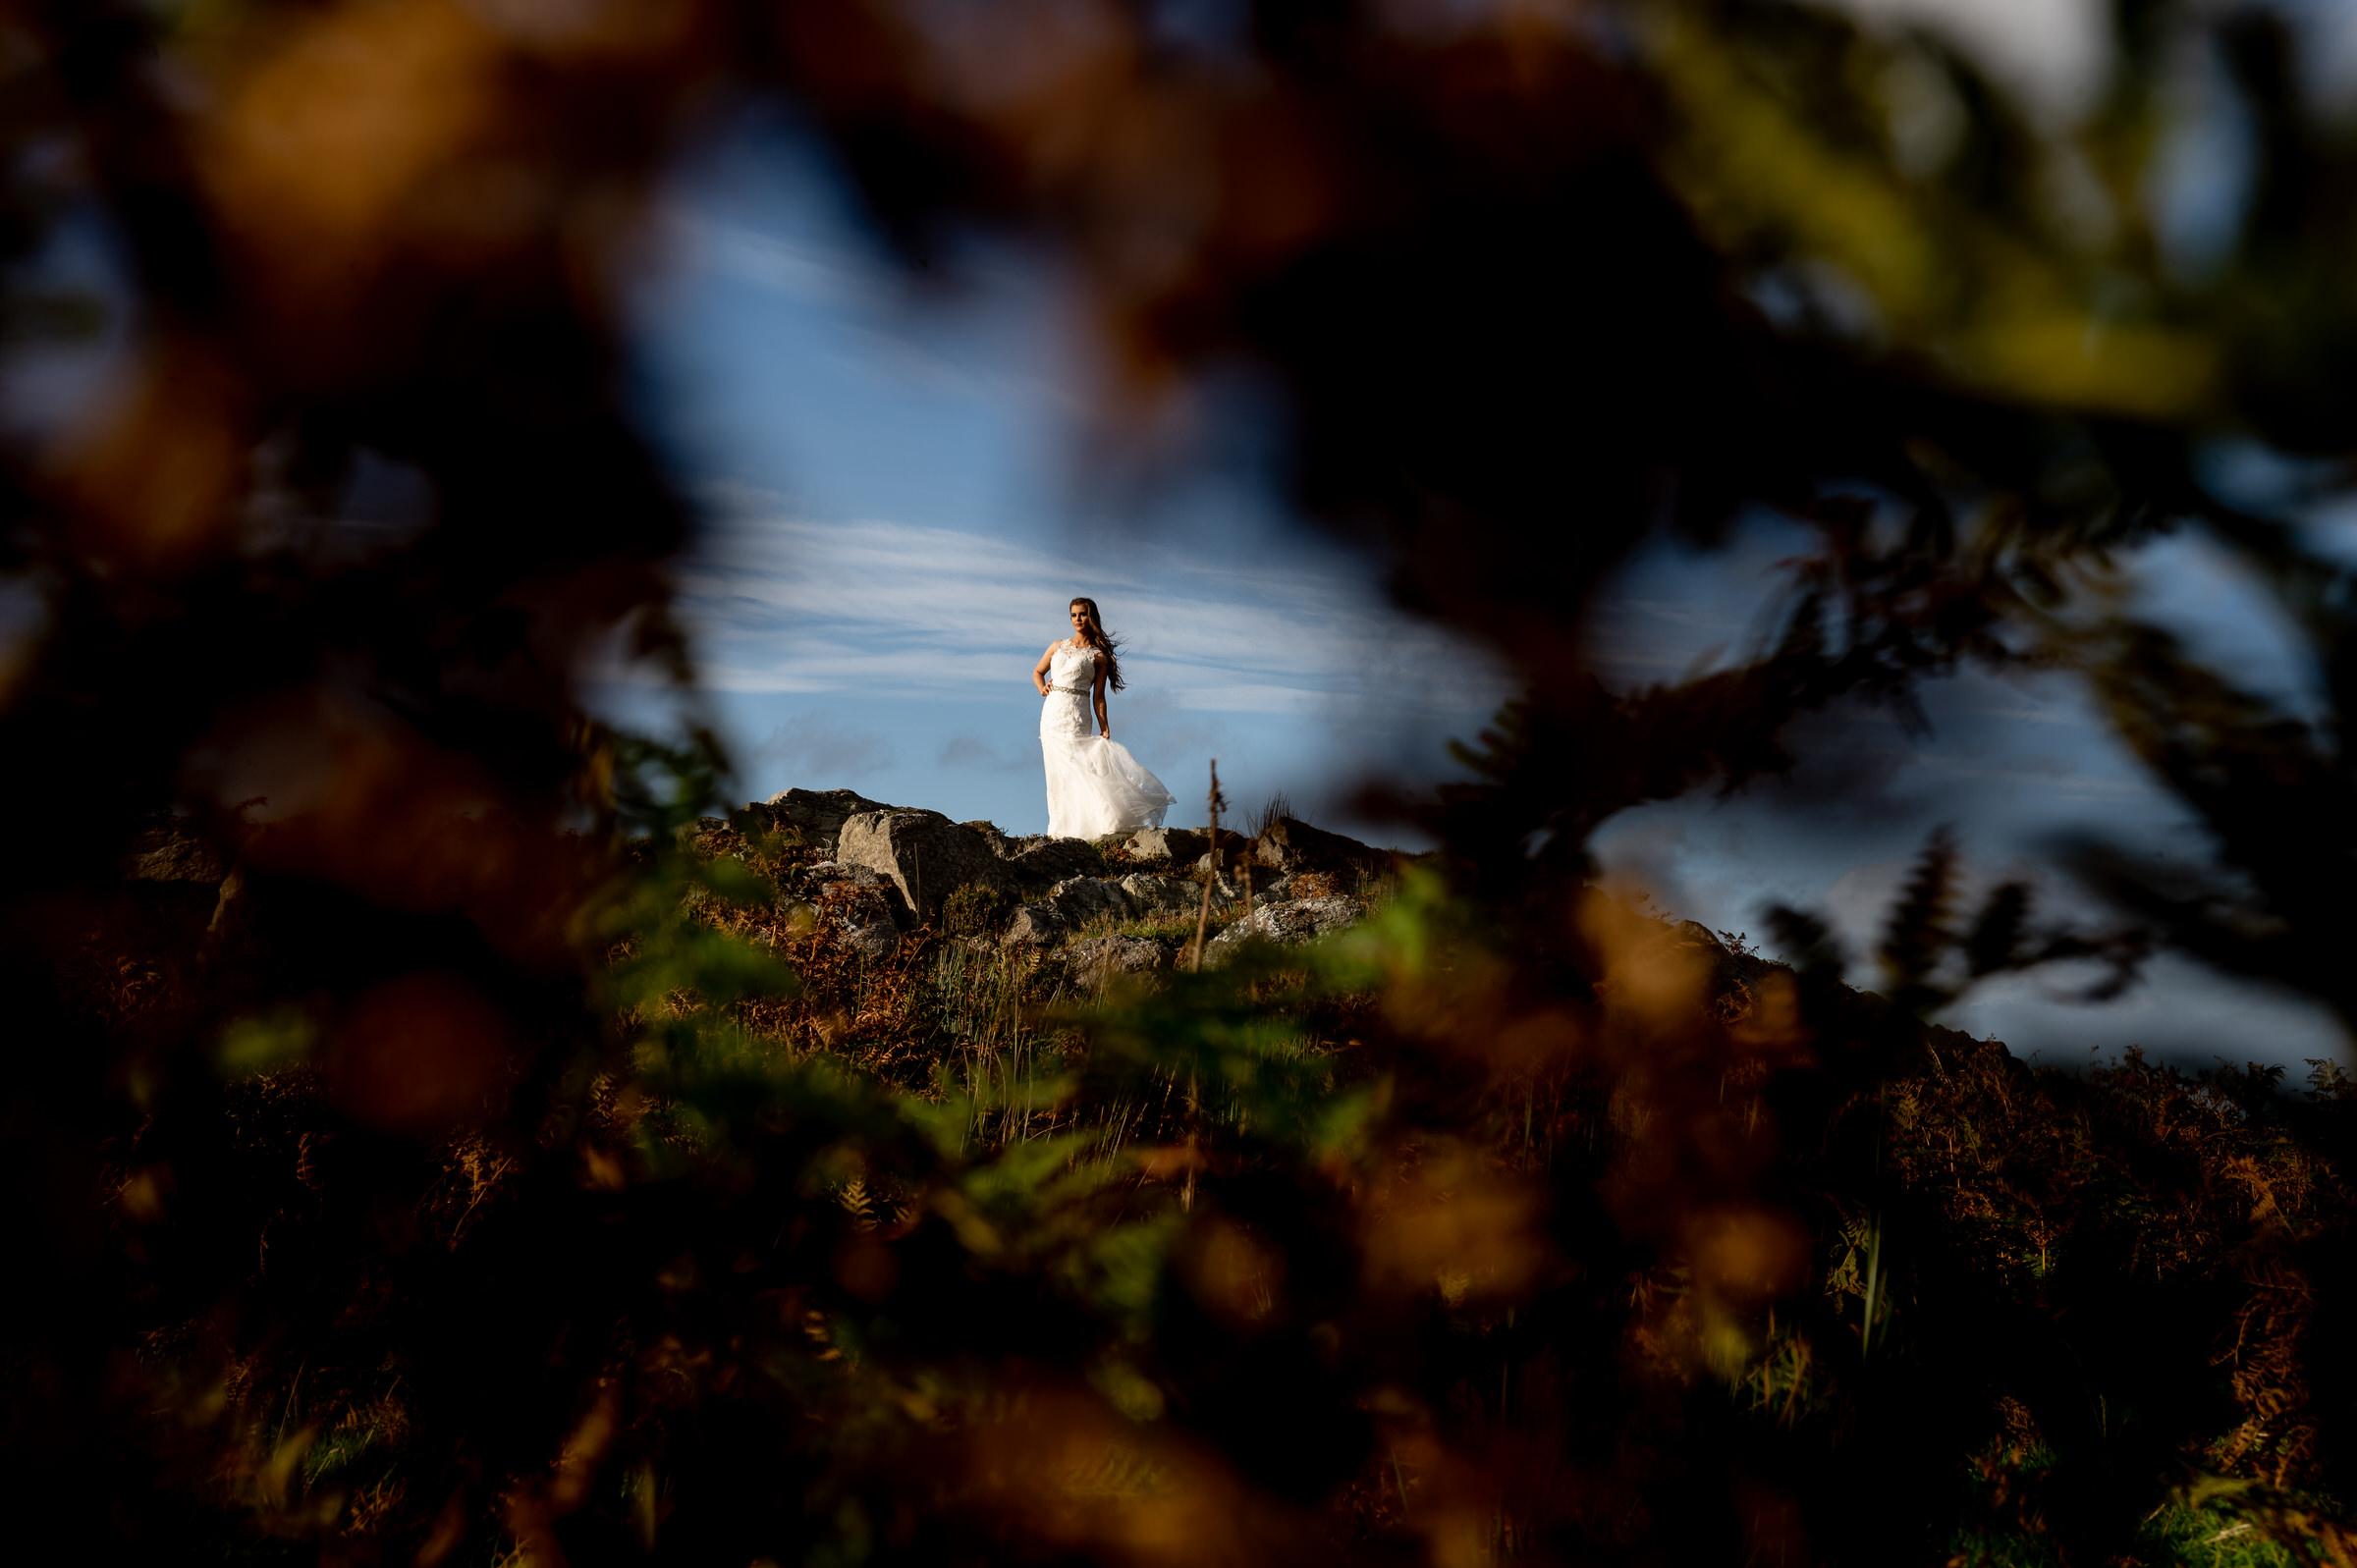 Bride seen through foliage - photo by John Gillooley